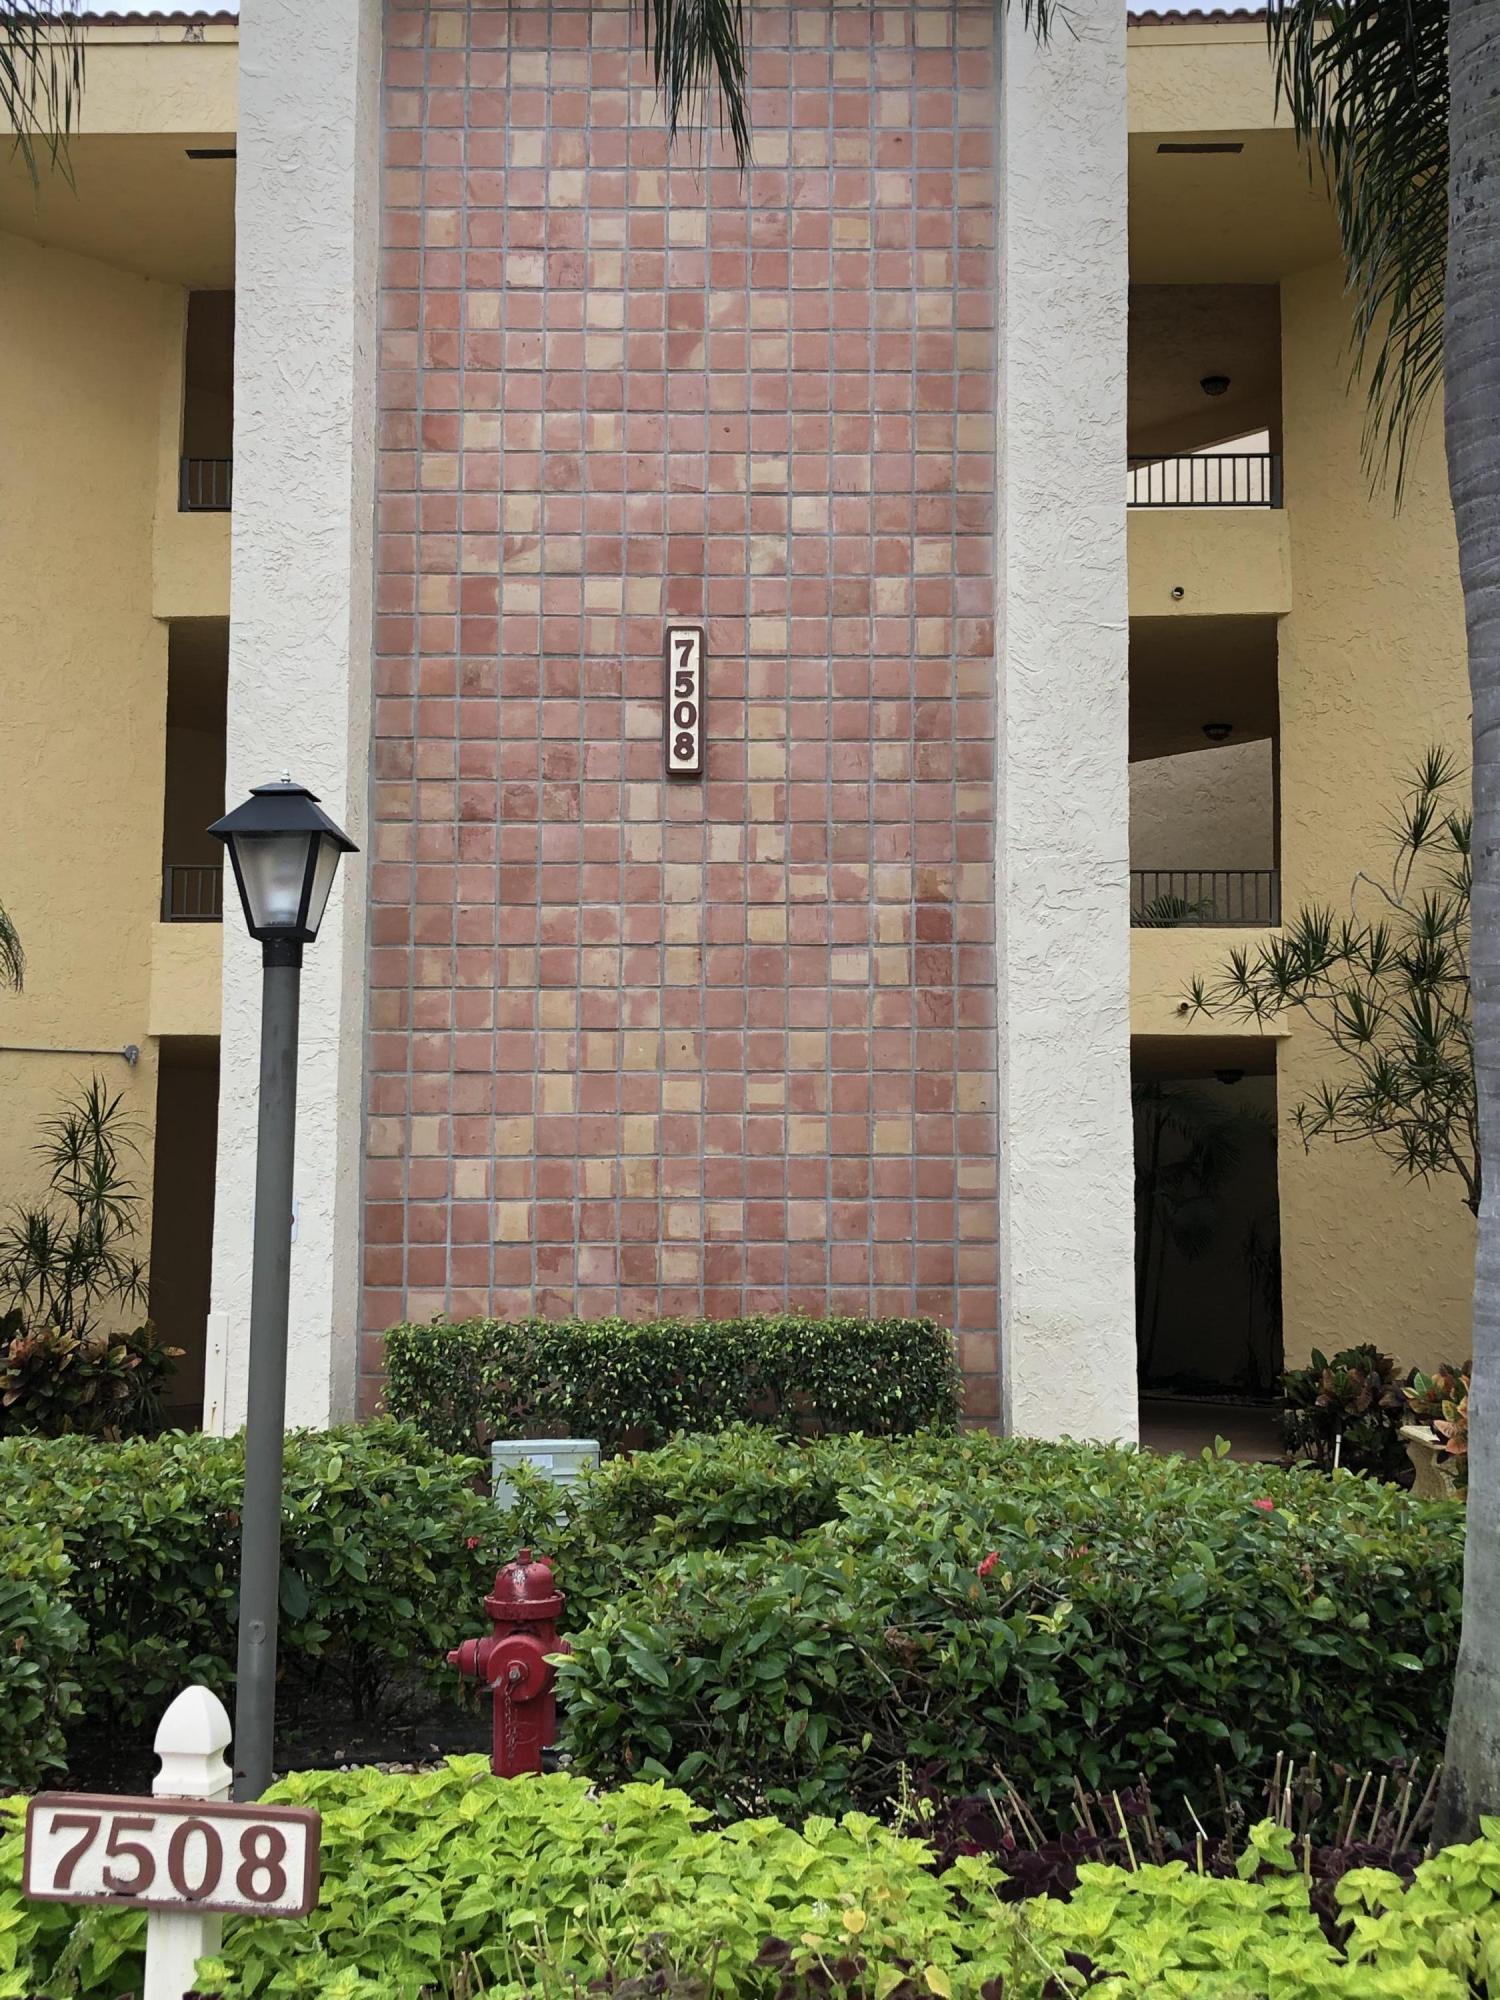 7508 La Paz Boulevard #305 Boca Raton, FL 33433